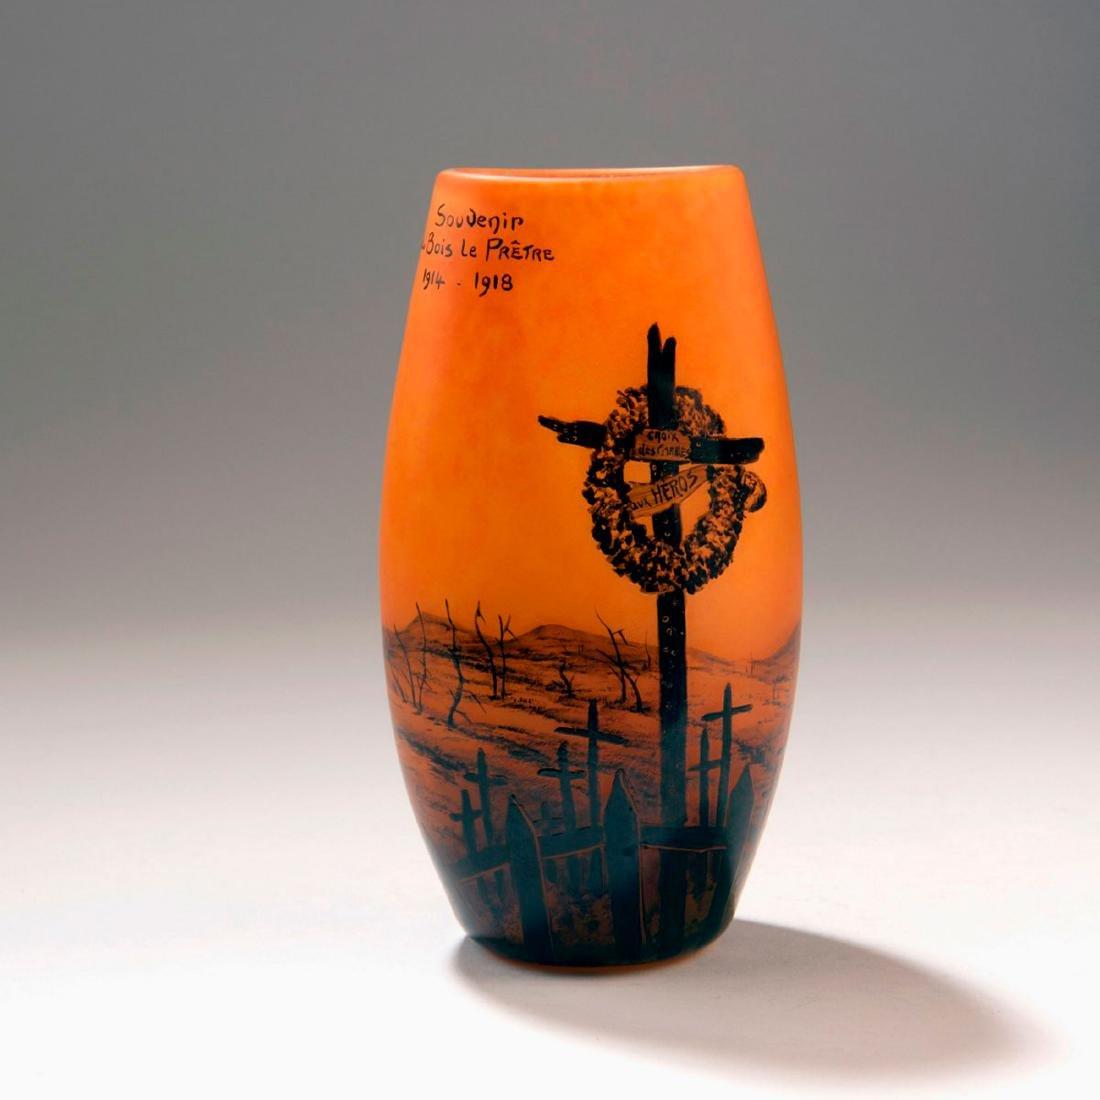 'Souvenir de Bois-le-Prêtre' vase, 1918